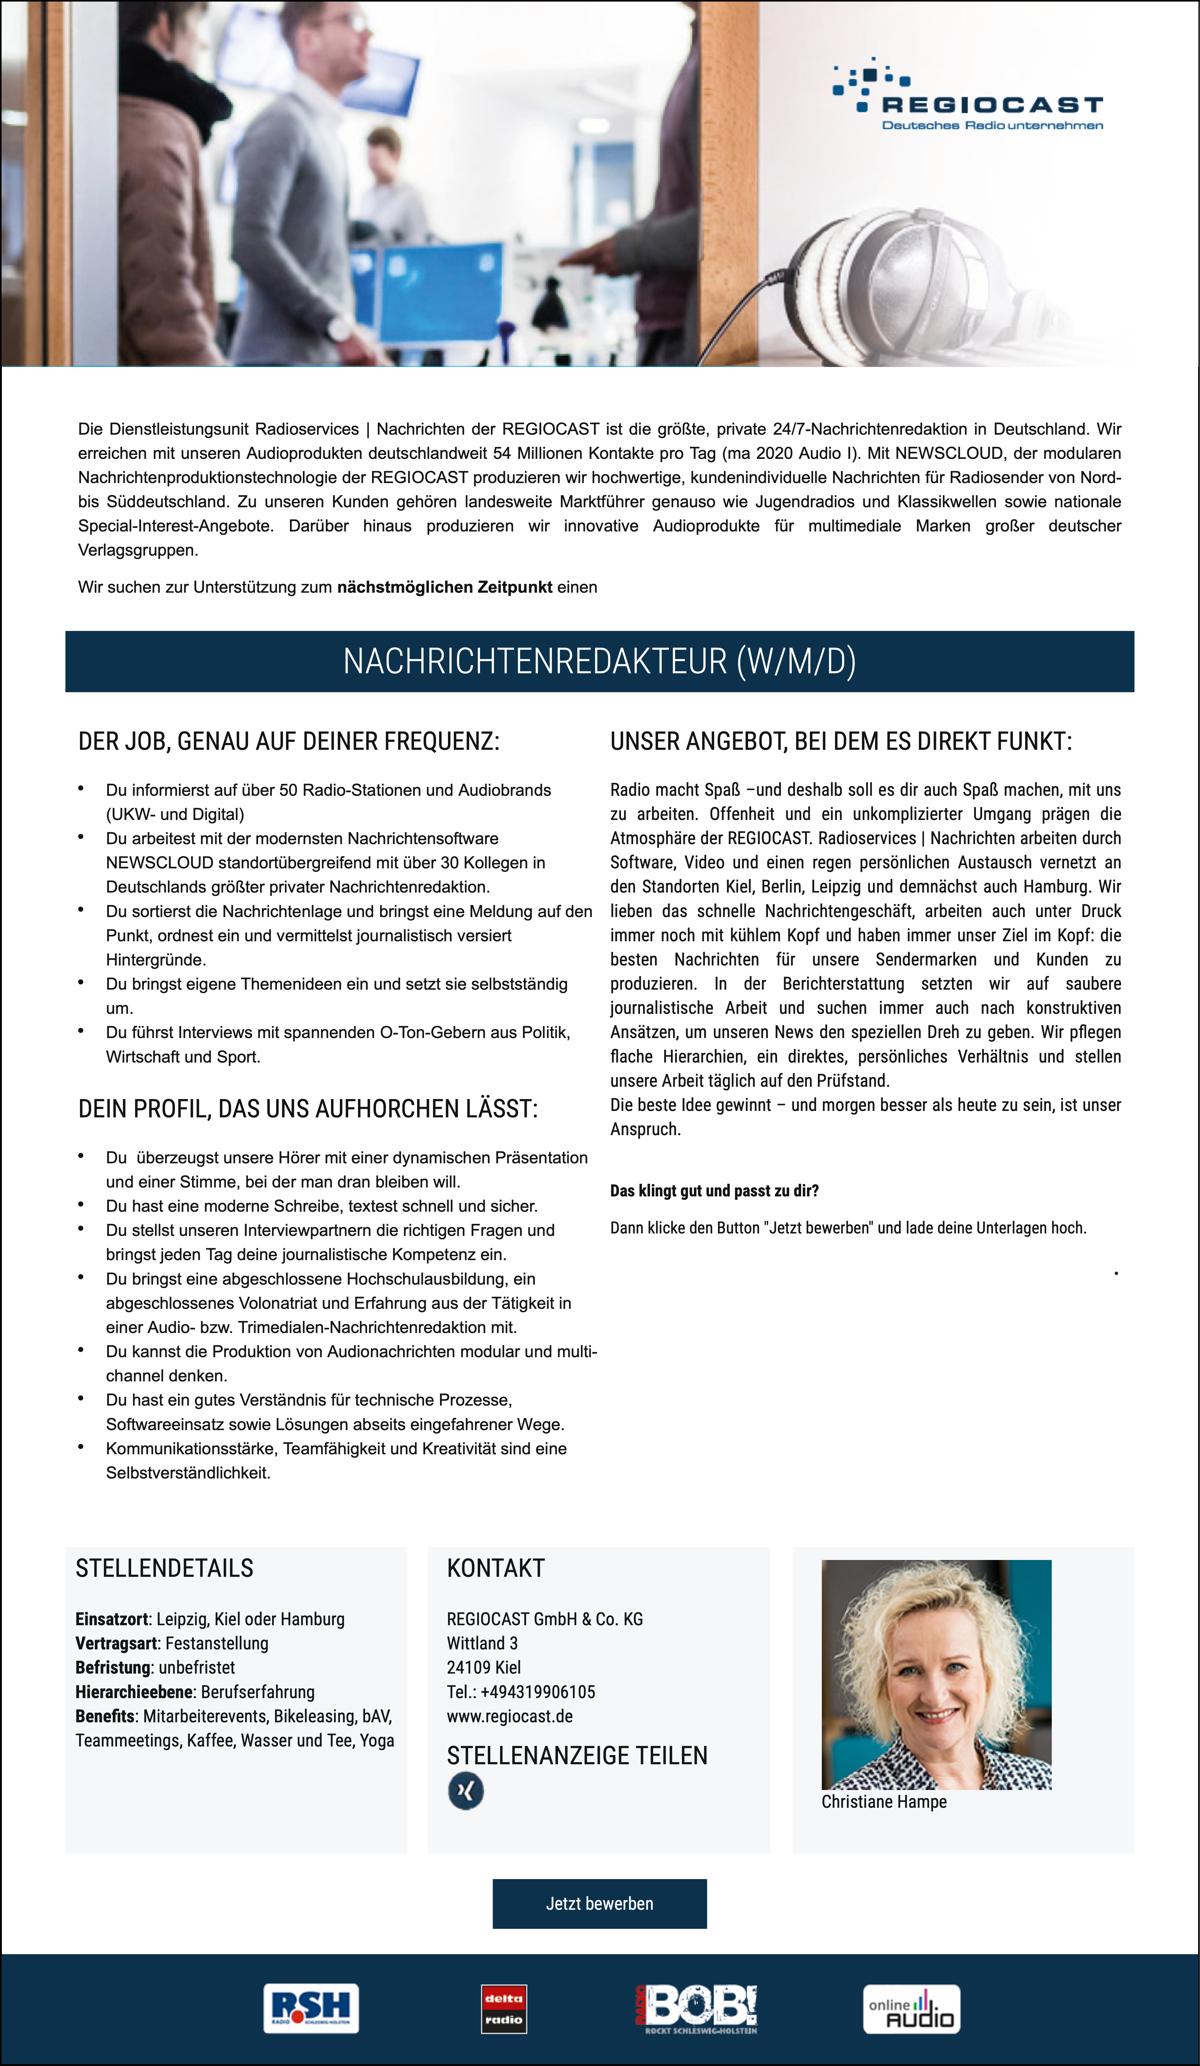 Die Dienstleistungsunit Radioservices | Nachrichten der REGIOCAST ist die größte, private 24/7-Nachrichtenredaktion in Deutschland. Wir erreichen mit unseren Audioprodukten deutschlandweit 54 Millionen Kontakte pro Tag (ma 2020 Audio I). Mit NEWSCLOUD, der modularen Nachrichtenproduktionstechnologie der REGIOCAST produzieren wir hochwertige, kundenindividuelle Nachrichten für Radiosender von Nord-bis Süddeutschland. Zu unseren Kunden gehören landesweite Marktführer genauso wie Jugendradios und Klassikwellen sowie nationale Special-Interest-Angebote. Darüber hinaus produzieren wir innovative Audioprodukte für multimediale Marken großer deutscher Verlagsgruppen. Wir suchen zur Unterstützung zum nächstmöglichen Zeitpunkt einen Nachrichtenredakteur. ER JOB, GENAU AUF DEINER FREQUENZ: Du informierst auf über 50 Radio-Stationen und Audiobrands (UKW- und Digital) Du arbeitest mit der modernsten Nachrichtensoftware NEWSCLOUD standortübergreifend mit über 30 Kollegen in Deutschlands größter privater Nachrichtenredaktion. Du sortierst die Nachrichtenlage und bringst eine Meldung auf den Punkt, ordnest ein und vermittelst journalistisch versiert Hintergründe. Du bringst eigene Themenideen ein und setzt sie selbstständig um. Du führst Interviews mit spannenden O-Ton-Gebern aus Politik, Wirtschaft und Sport. DEIN PROFIL, DAS UNS AUFHORCHEN LÄSST: Du überzeugst unsere Hörer mit einer dynamischen Präsentation und einer Stimme, bei der man dran bleiben will. Du hast eine moderne Schreibe, textest schnell und sicher. Du stellst unseren Interviewpartnern die richtigen Fragen und bringst jeden Tag deine journalistische Kompetenz ein. Du bringst eine abgeschlossene Hochschulausbildung, ein abgeschlossenes Volonatriat und Erfahrung aus der Tätigkeit in einer Audio- bzw. Trimedialen-Nachrichtenredaktion mit. Du kannst die Produktion von Audionachrichten modular und multi-channel denken. Du hast ein gutes Verständnis für technische Prozesse, Softwareeinsatz sowie Lösungen abseits eingefah